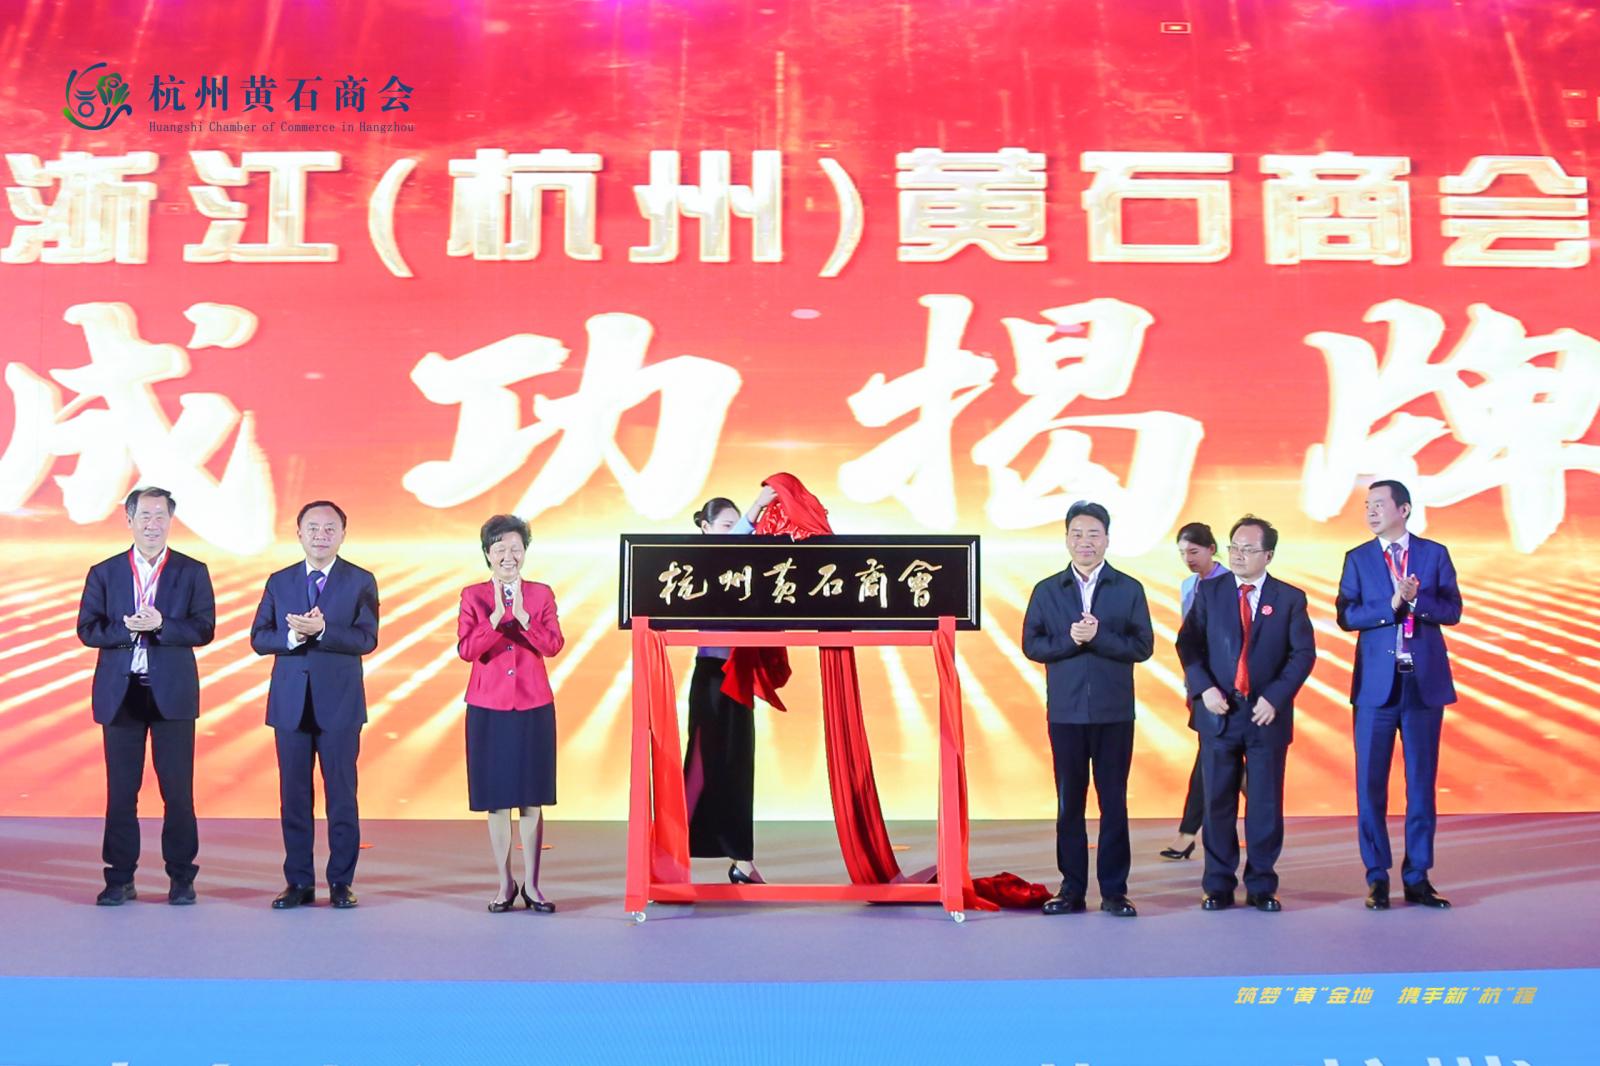 浙江(杭州)黄石商会在杭州举行成立大会